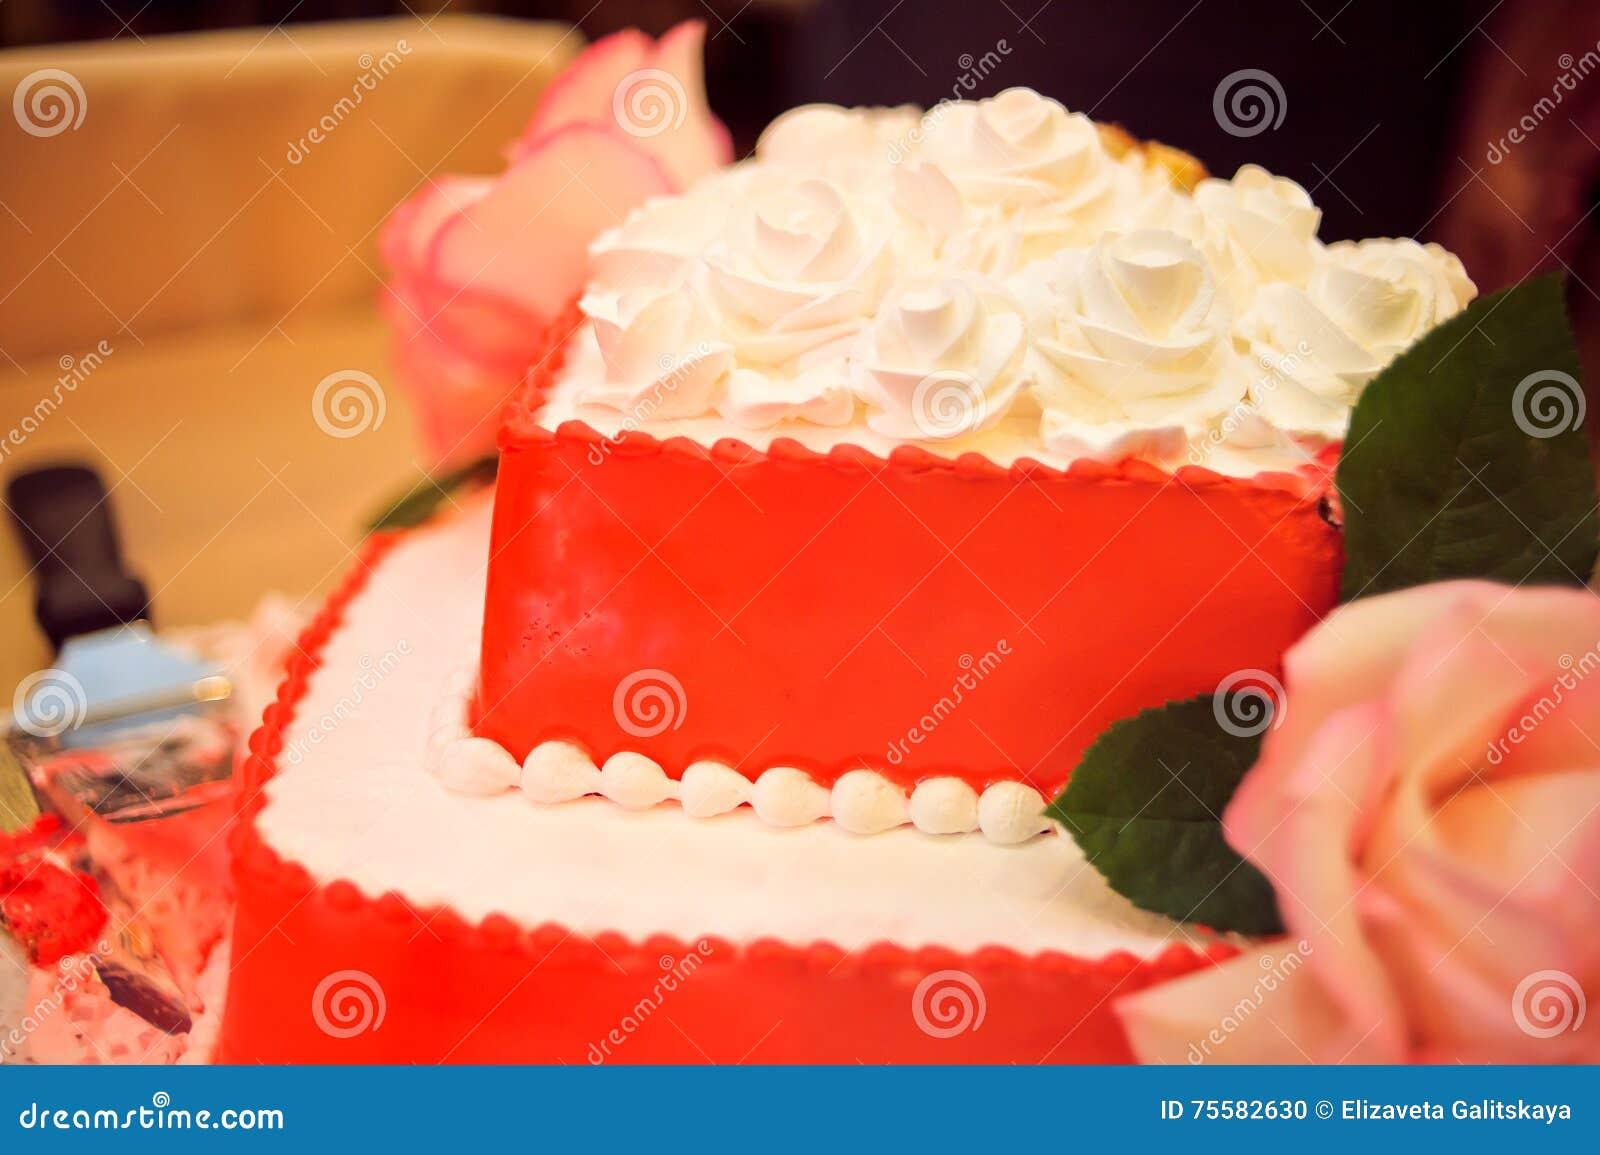 Rote Hochzeitstorte Stockfoto Bild Von Fullung Geburtstag 75582630